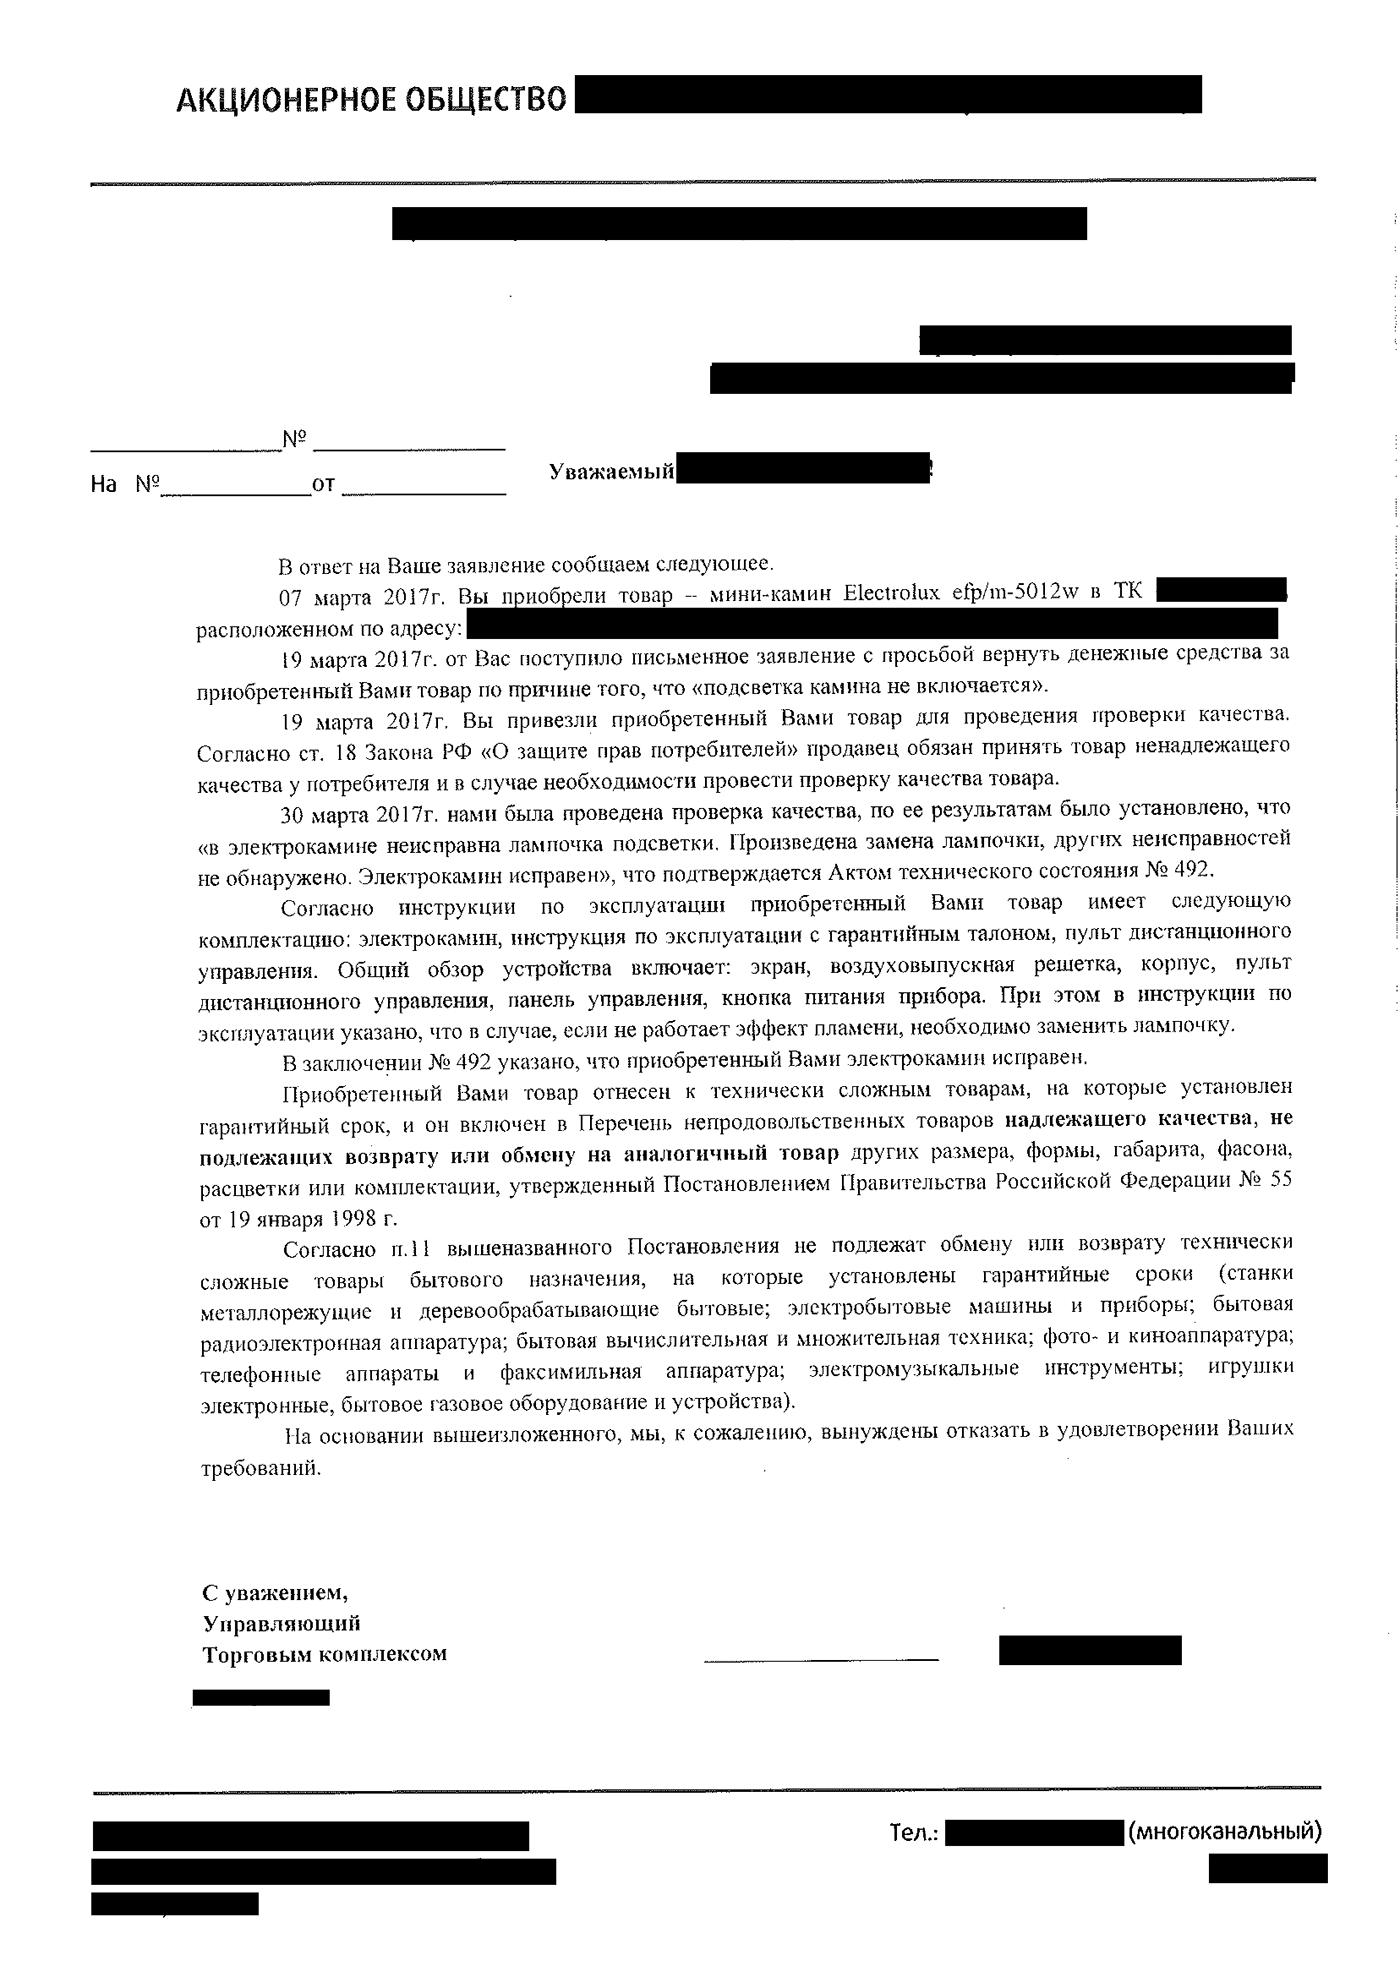 Заплатили за расторжение брака 800 руб но передумали можно вернуть деньги